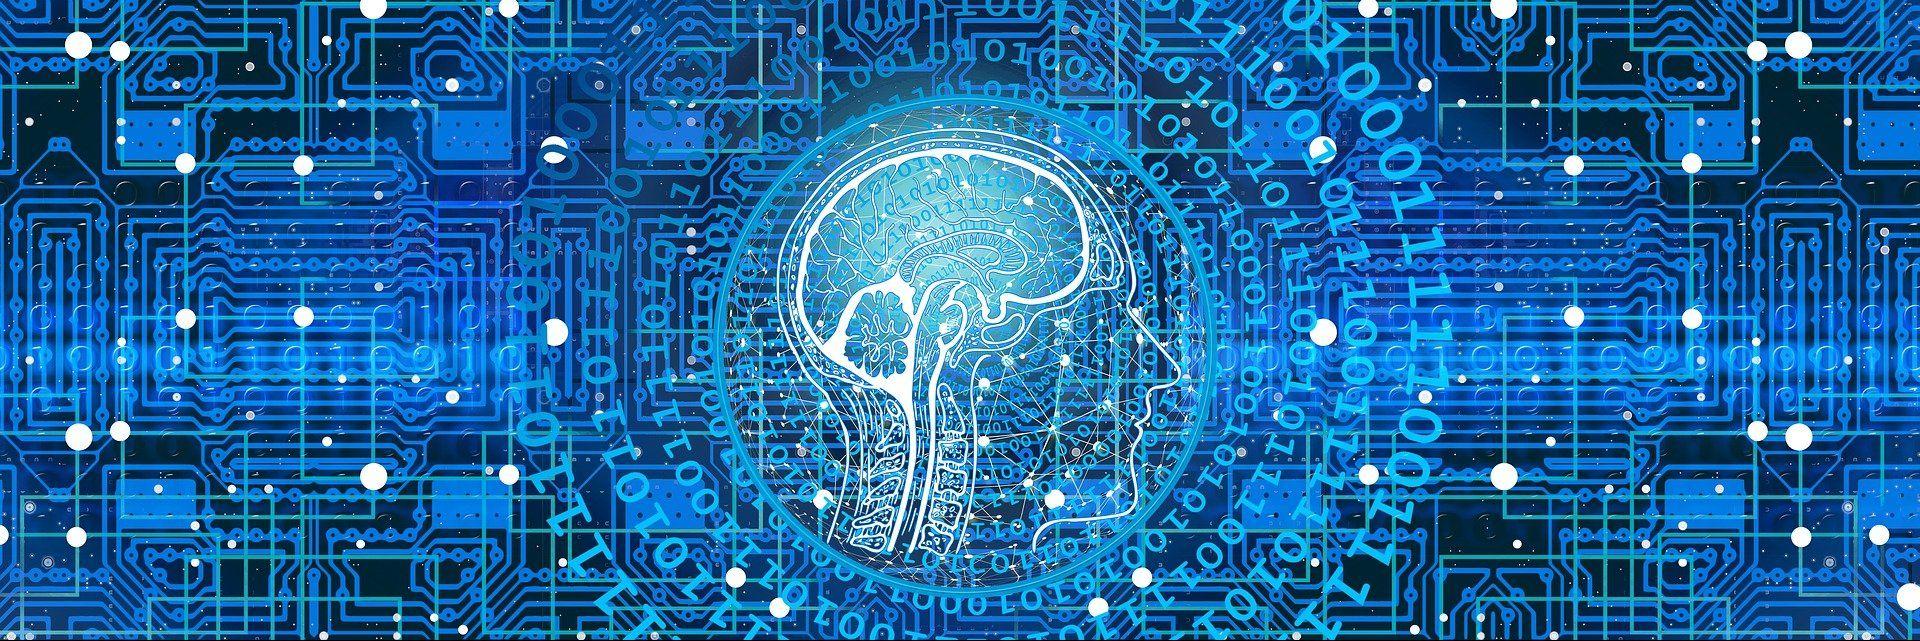 Началось тестирование интерфейса мозг-компьютер